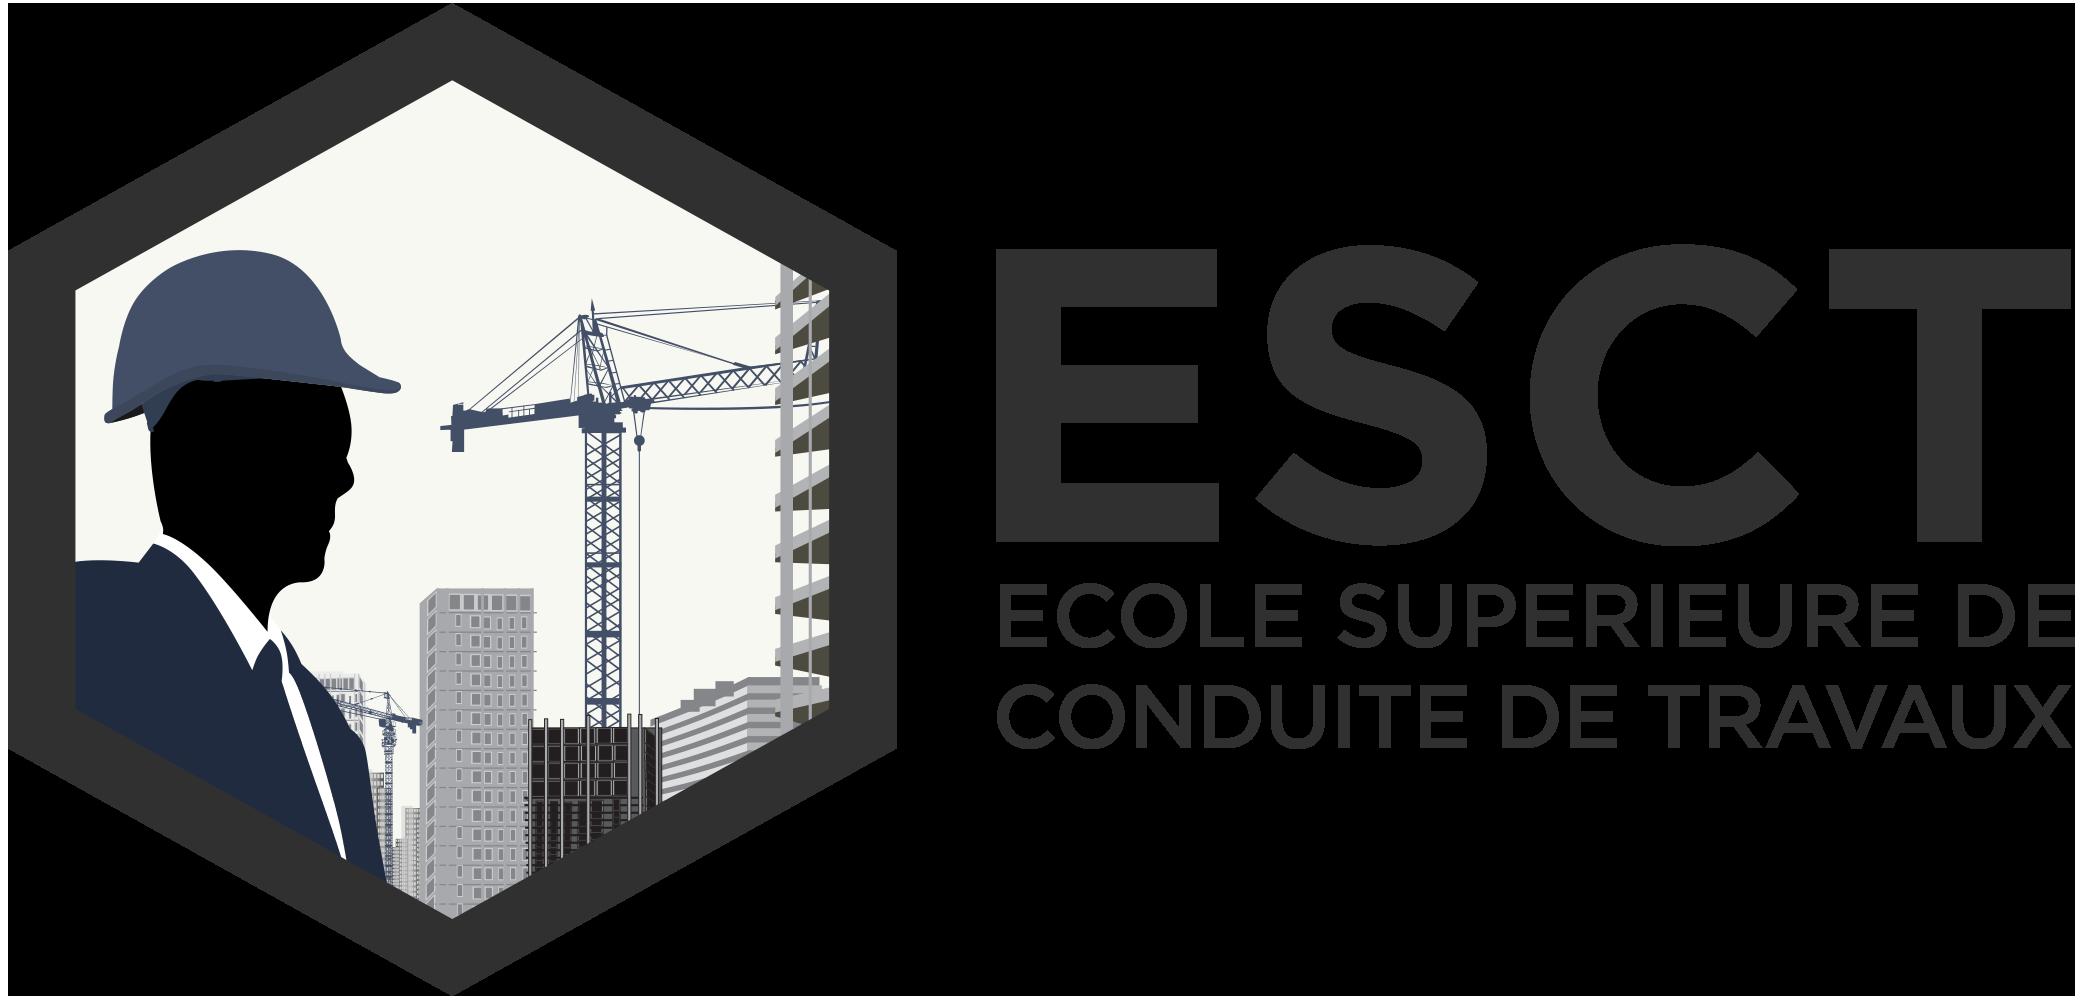 Logo ESCT - Ecole Supérieure de Conduite de Travaux